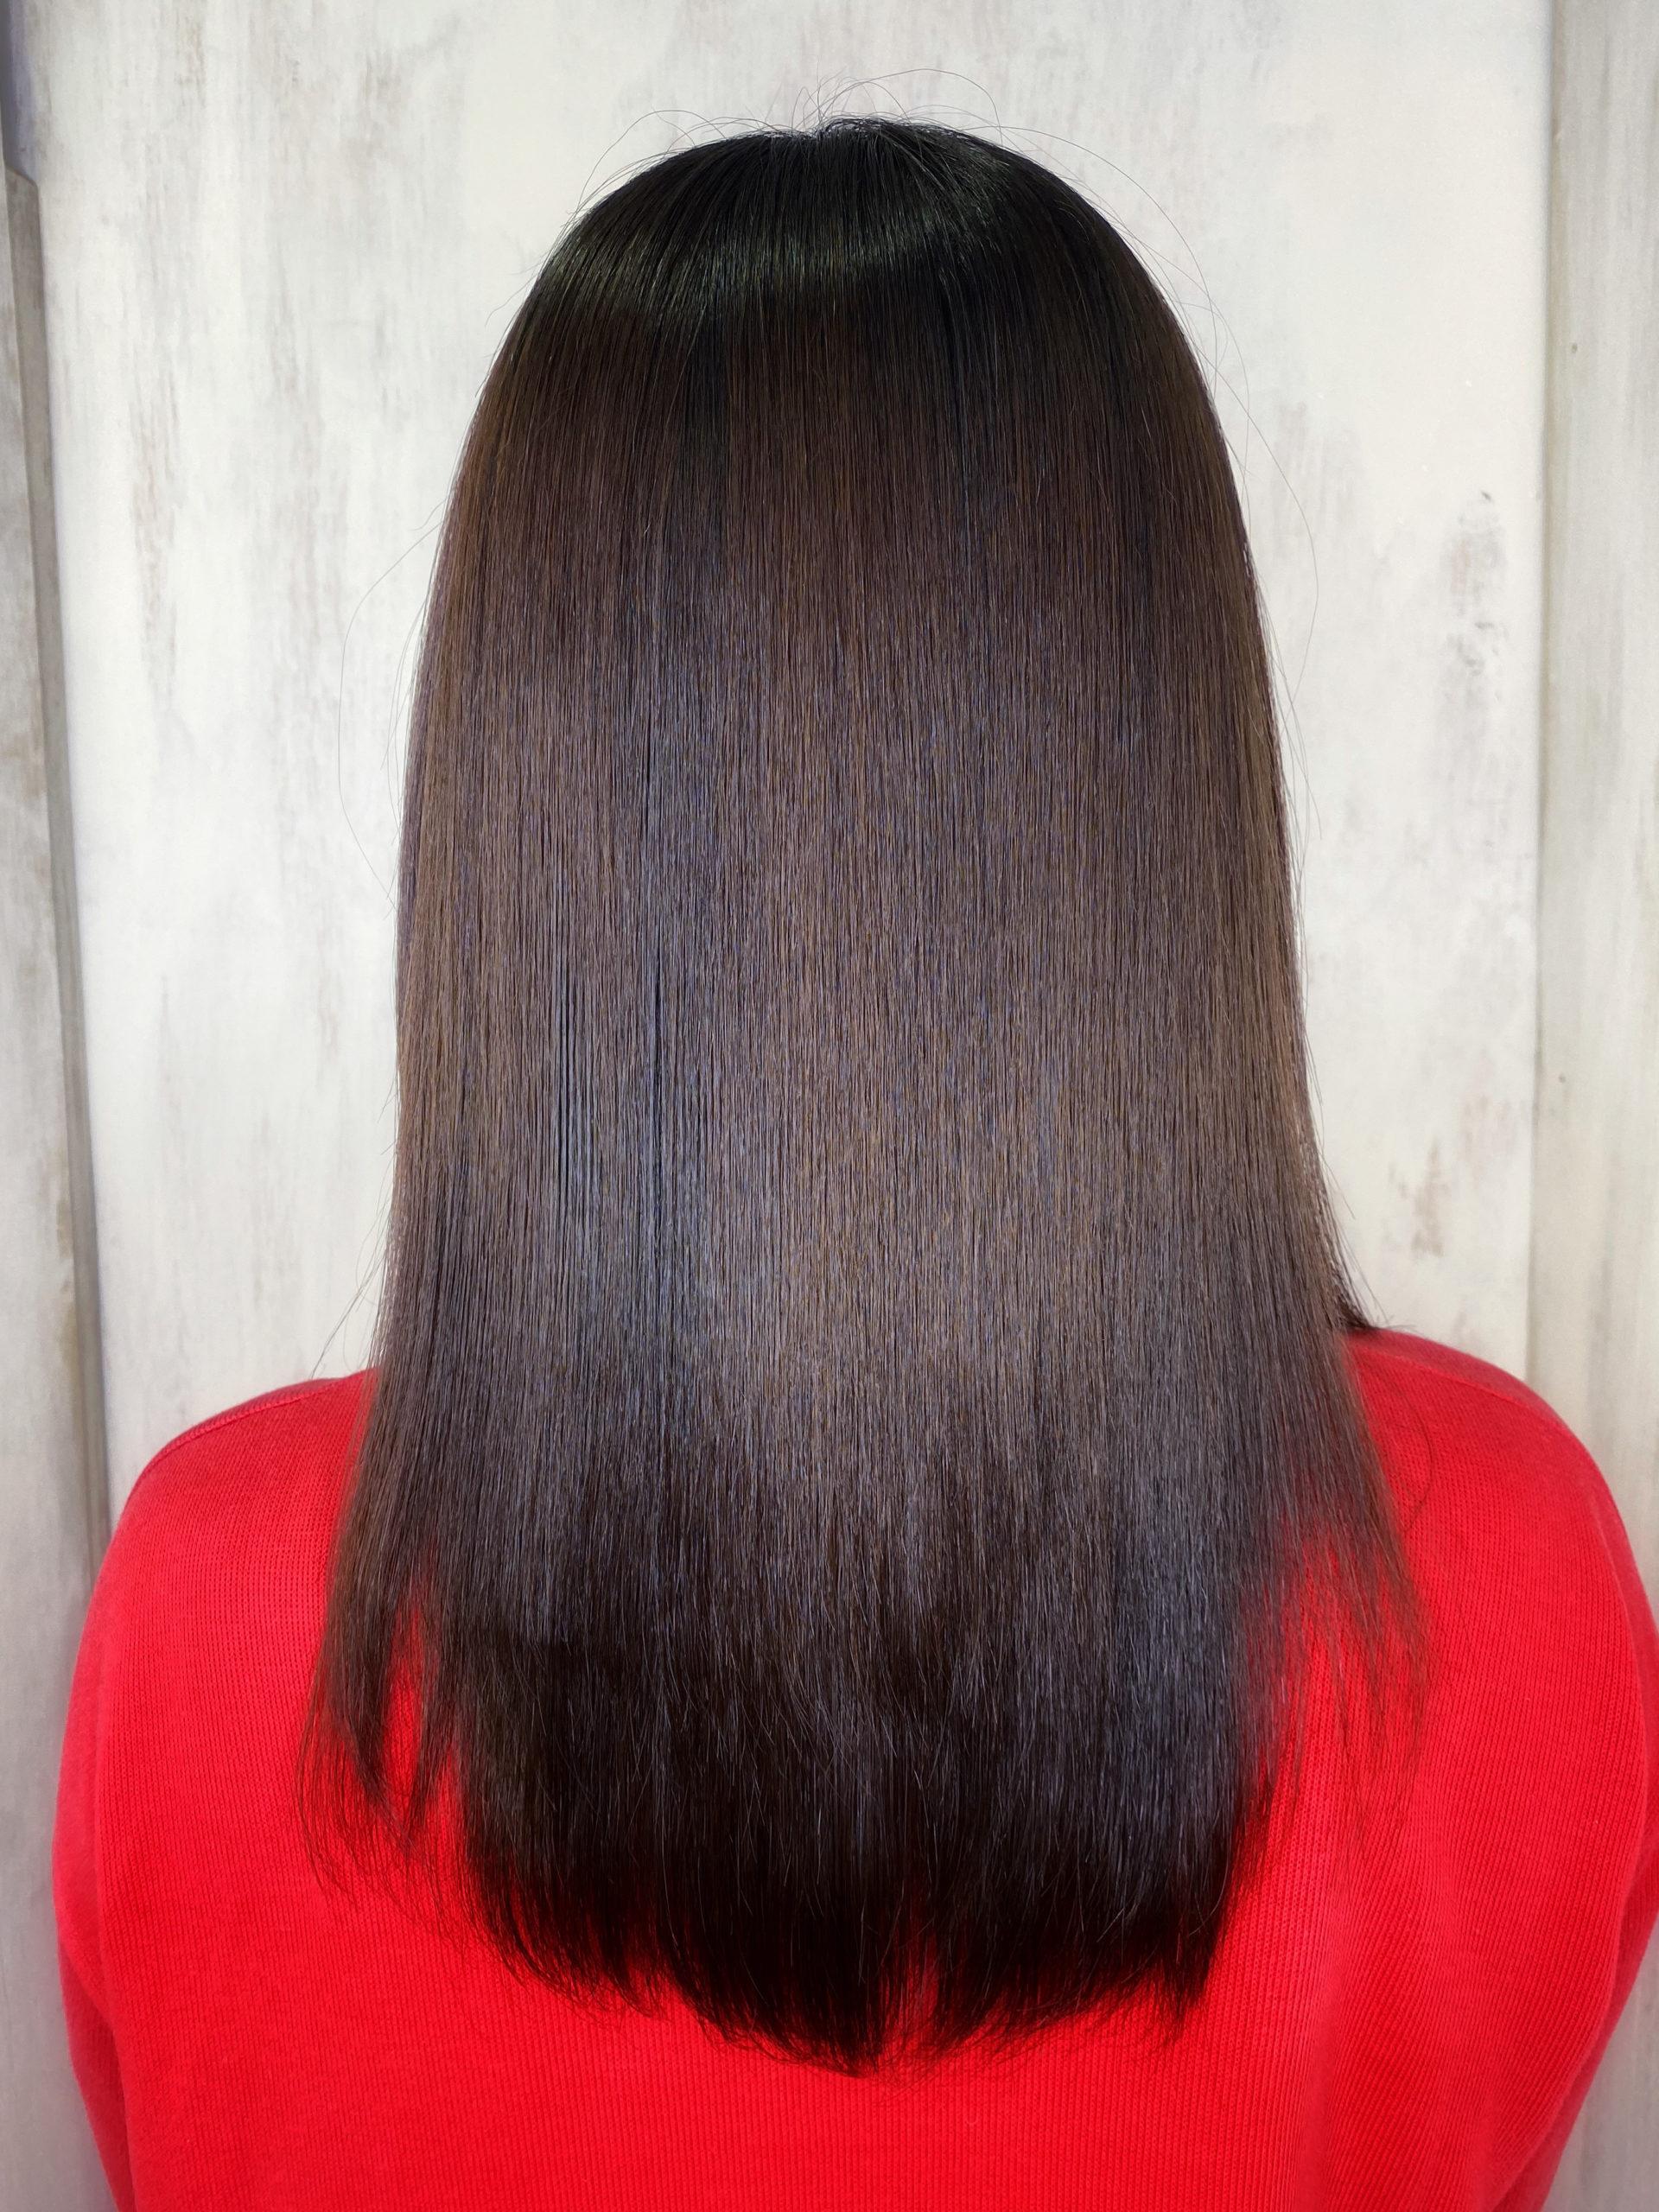 髪のチリチリを【ビビリ矯正】でつやっつやの艶髪に変身。原宿・表参道『髪のお悩みを解決するヘアケア美容師の挑戦』